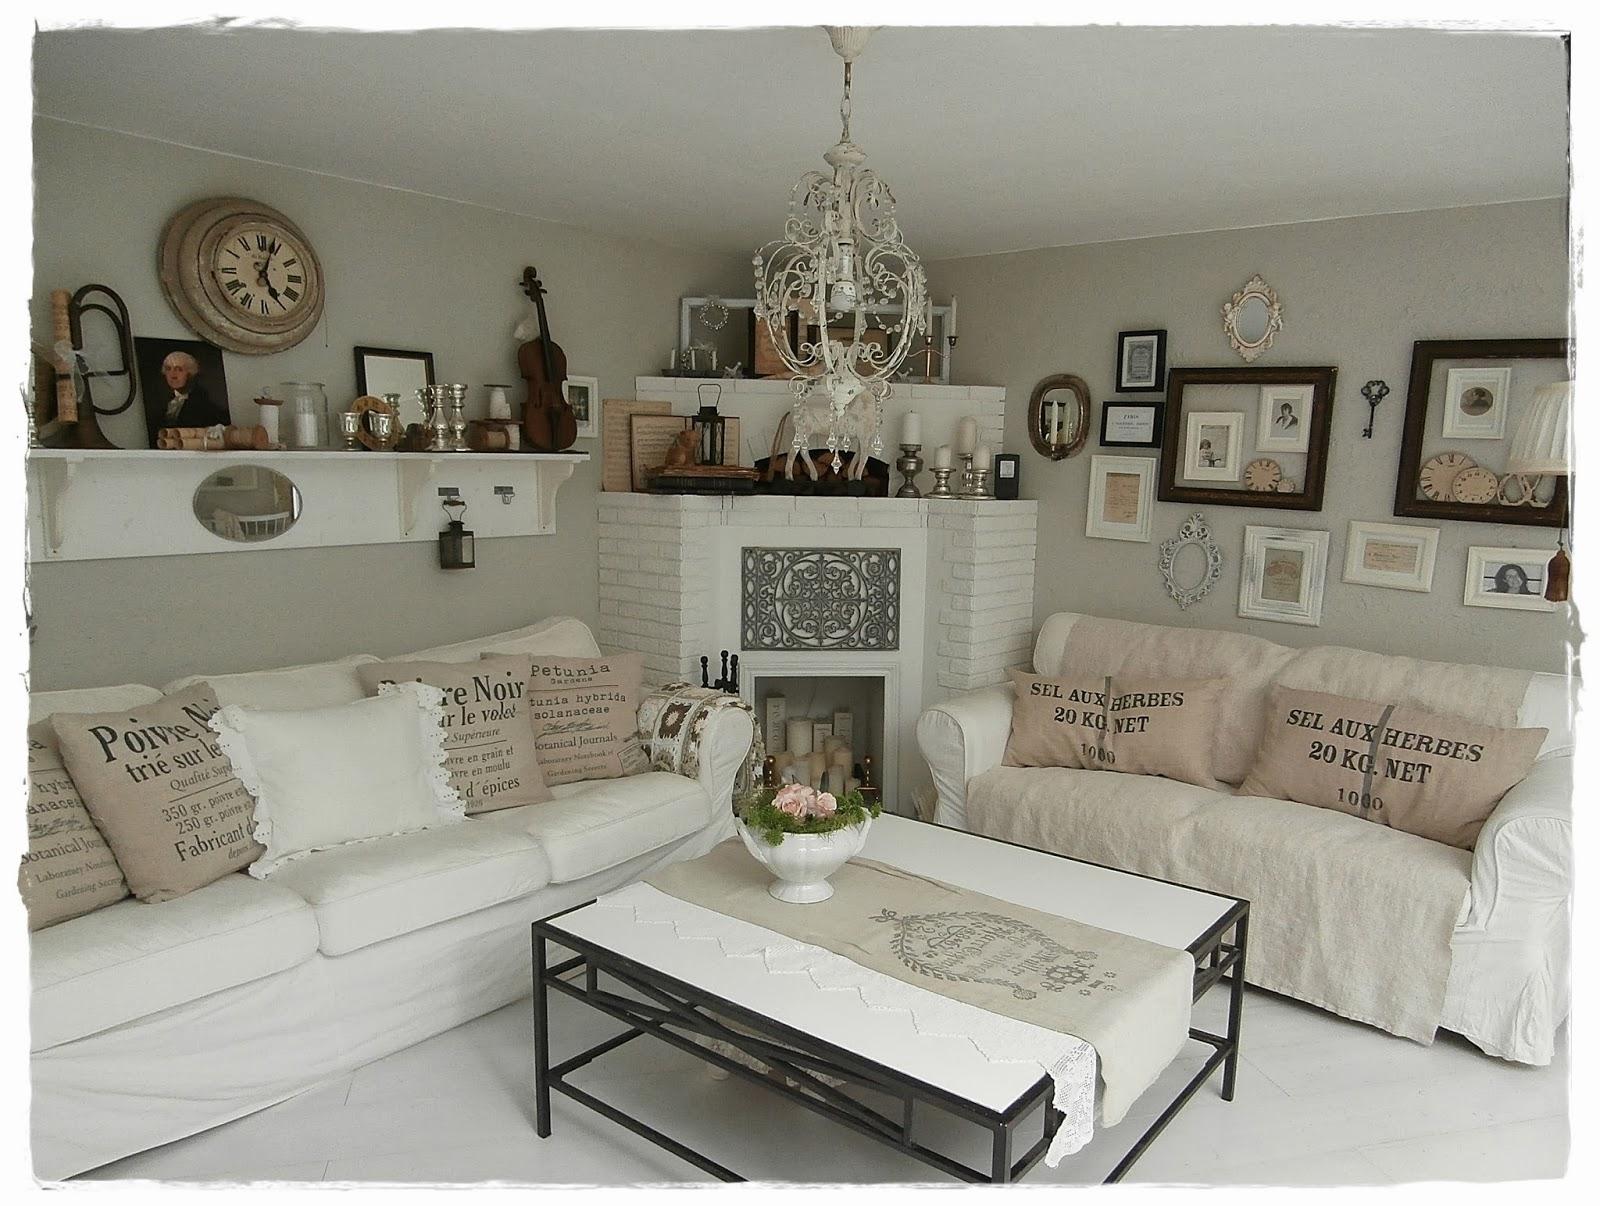 ideen : tolles wohnzimmer in weiss braun wohnzimmer wei braun ... - Wohnzimmer Weis Braun Landhaus